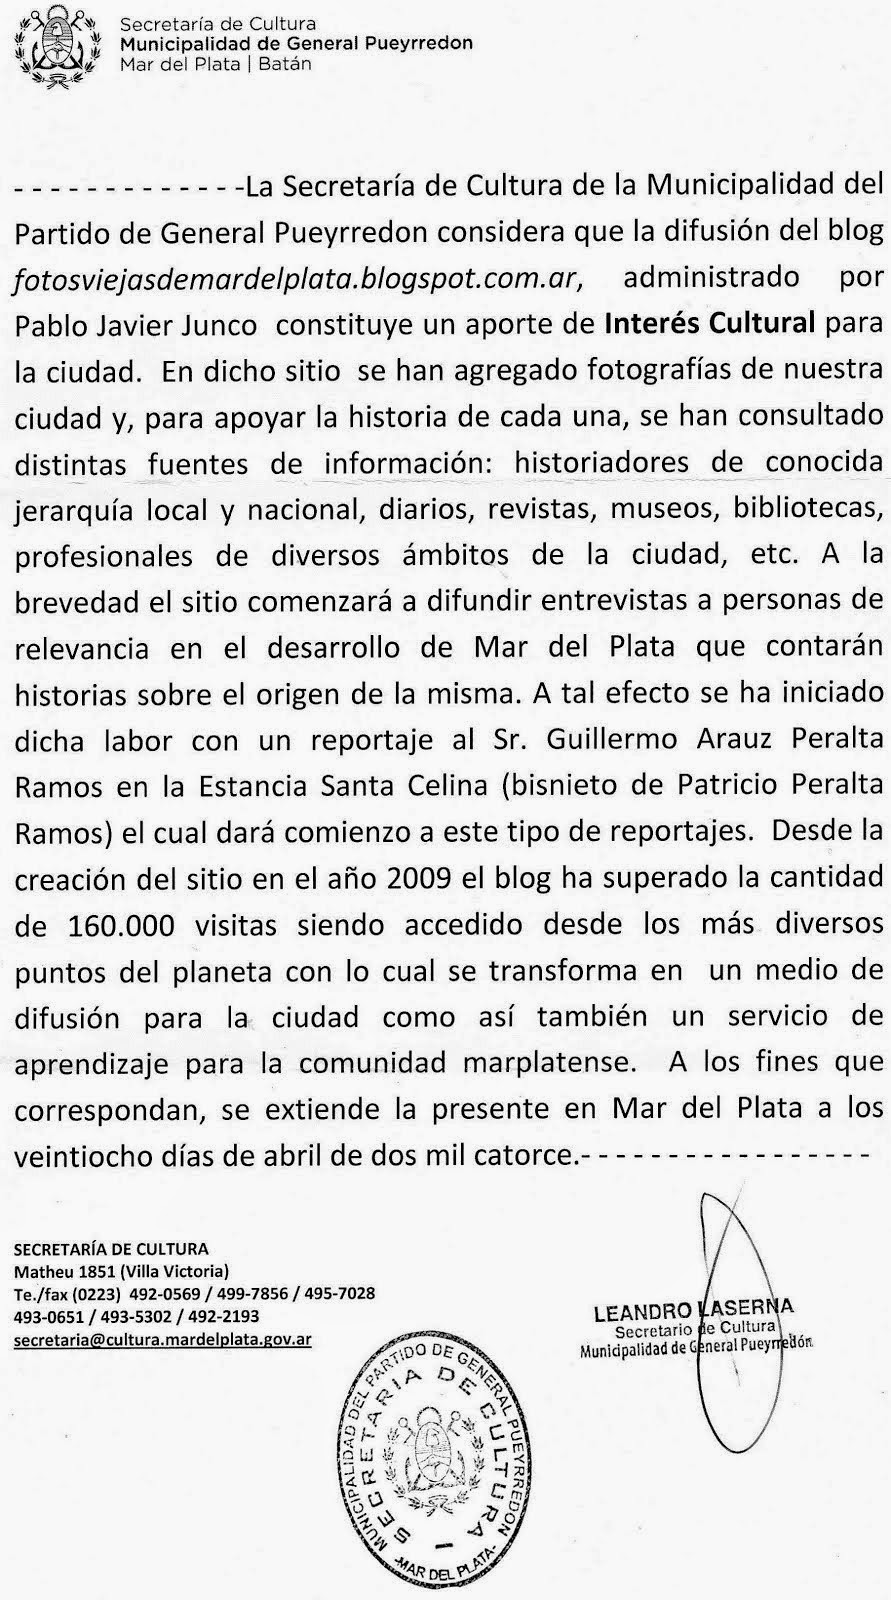 Sitio declarado de Interés Cultural por la Municipalidad de General Pueyrredón